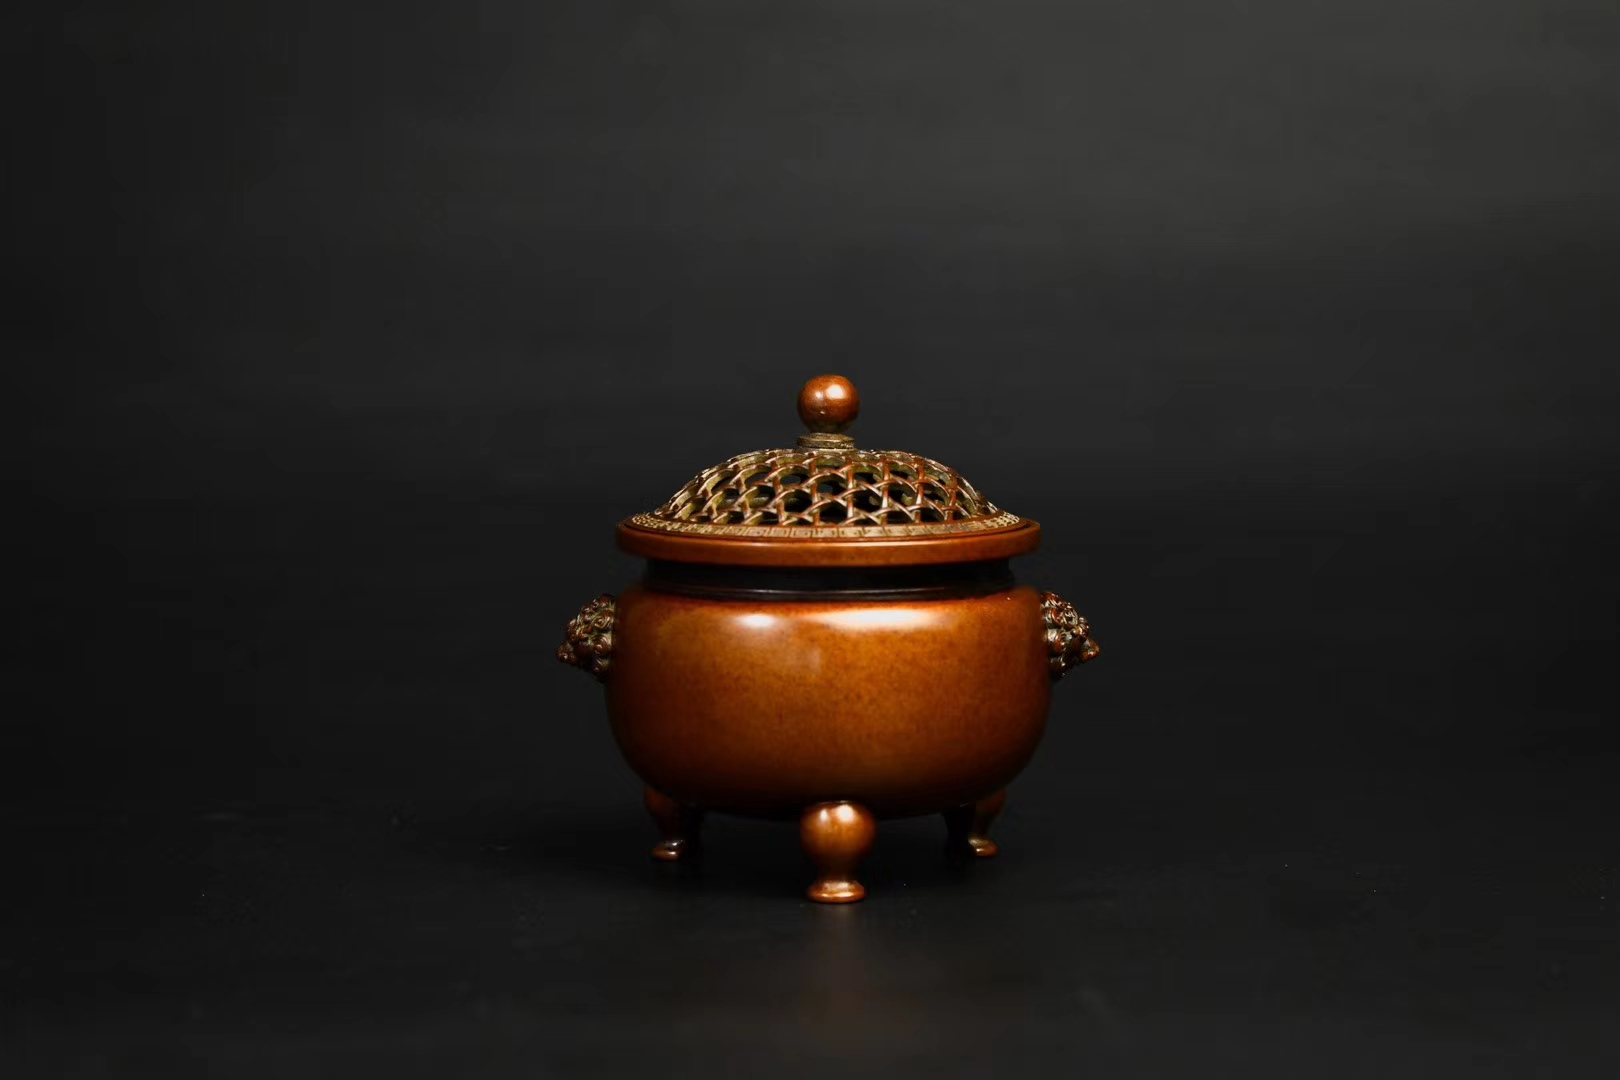 泰山青云艺术品(上海)有限公司泰山家居艺术品:铜炉里令人惊艳的皮色